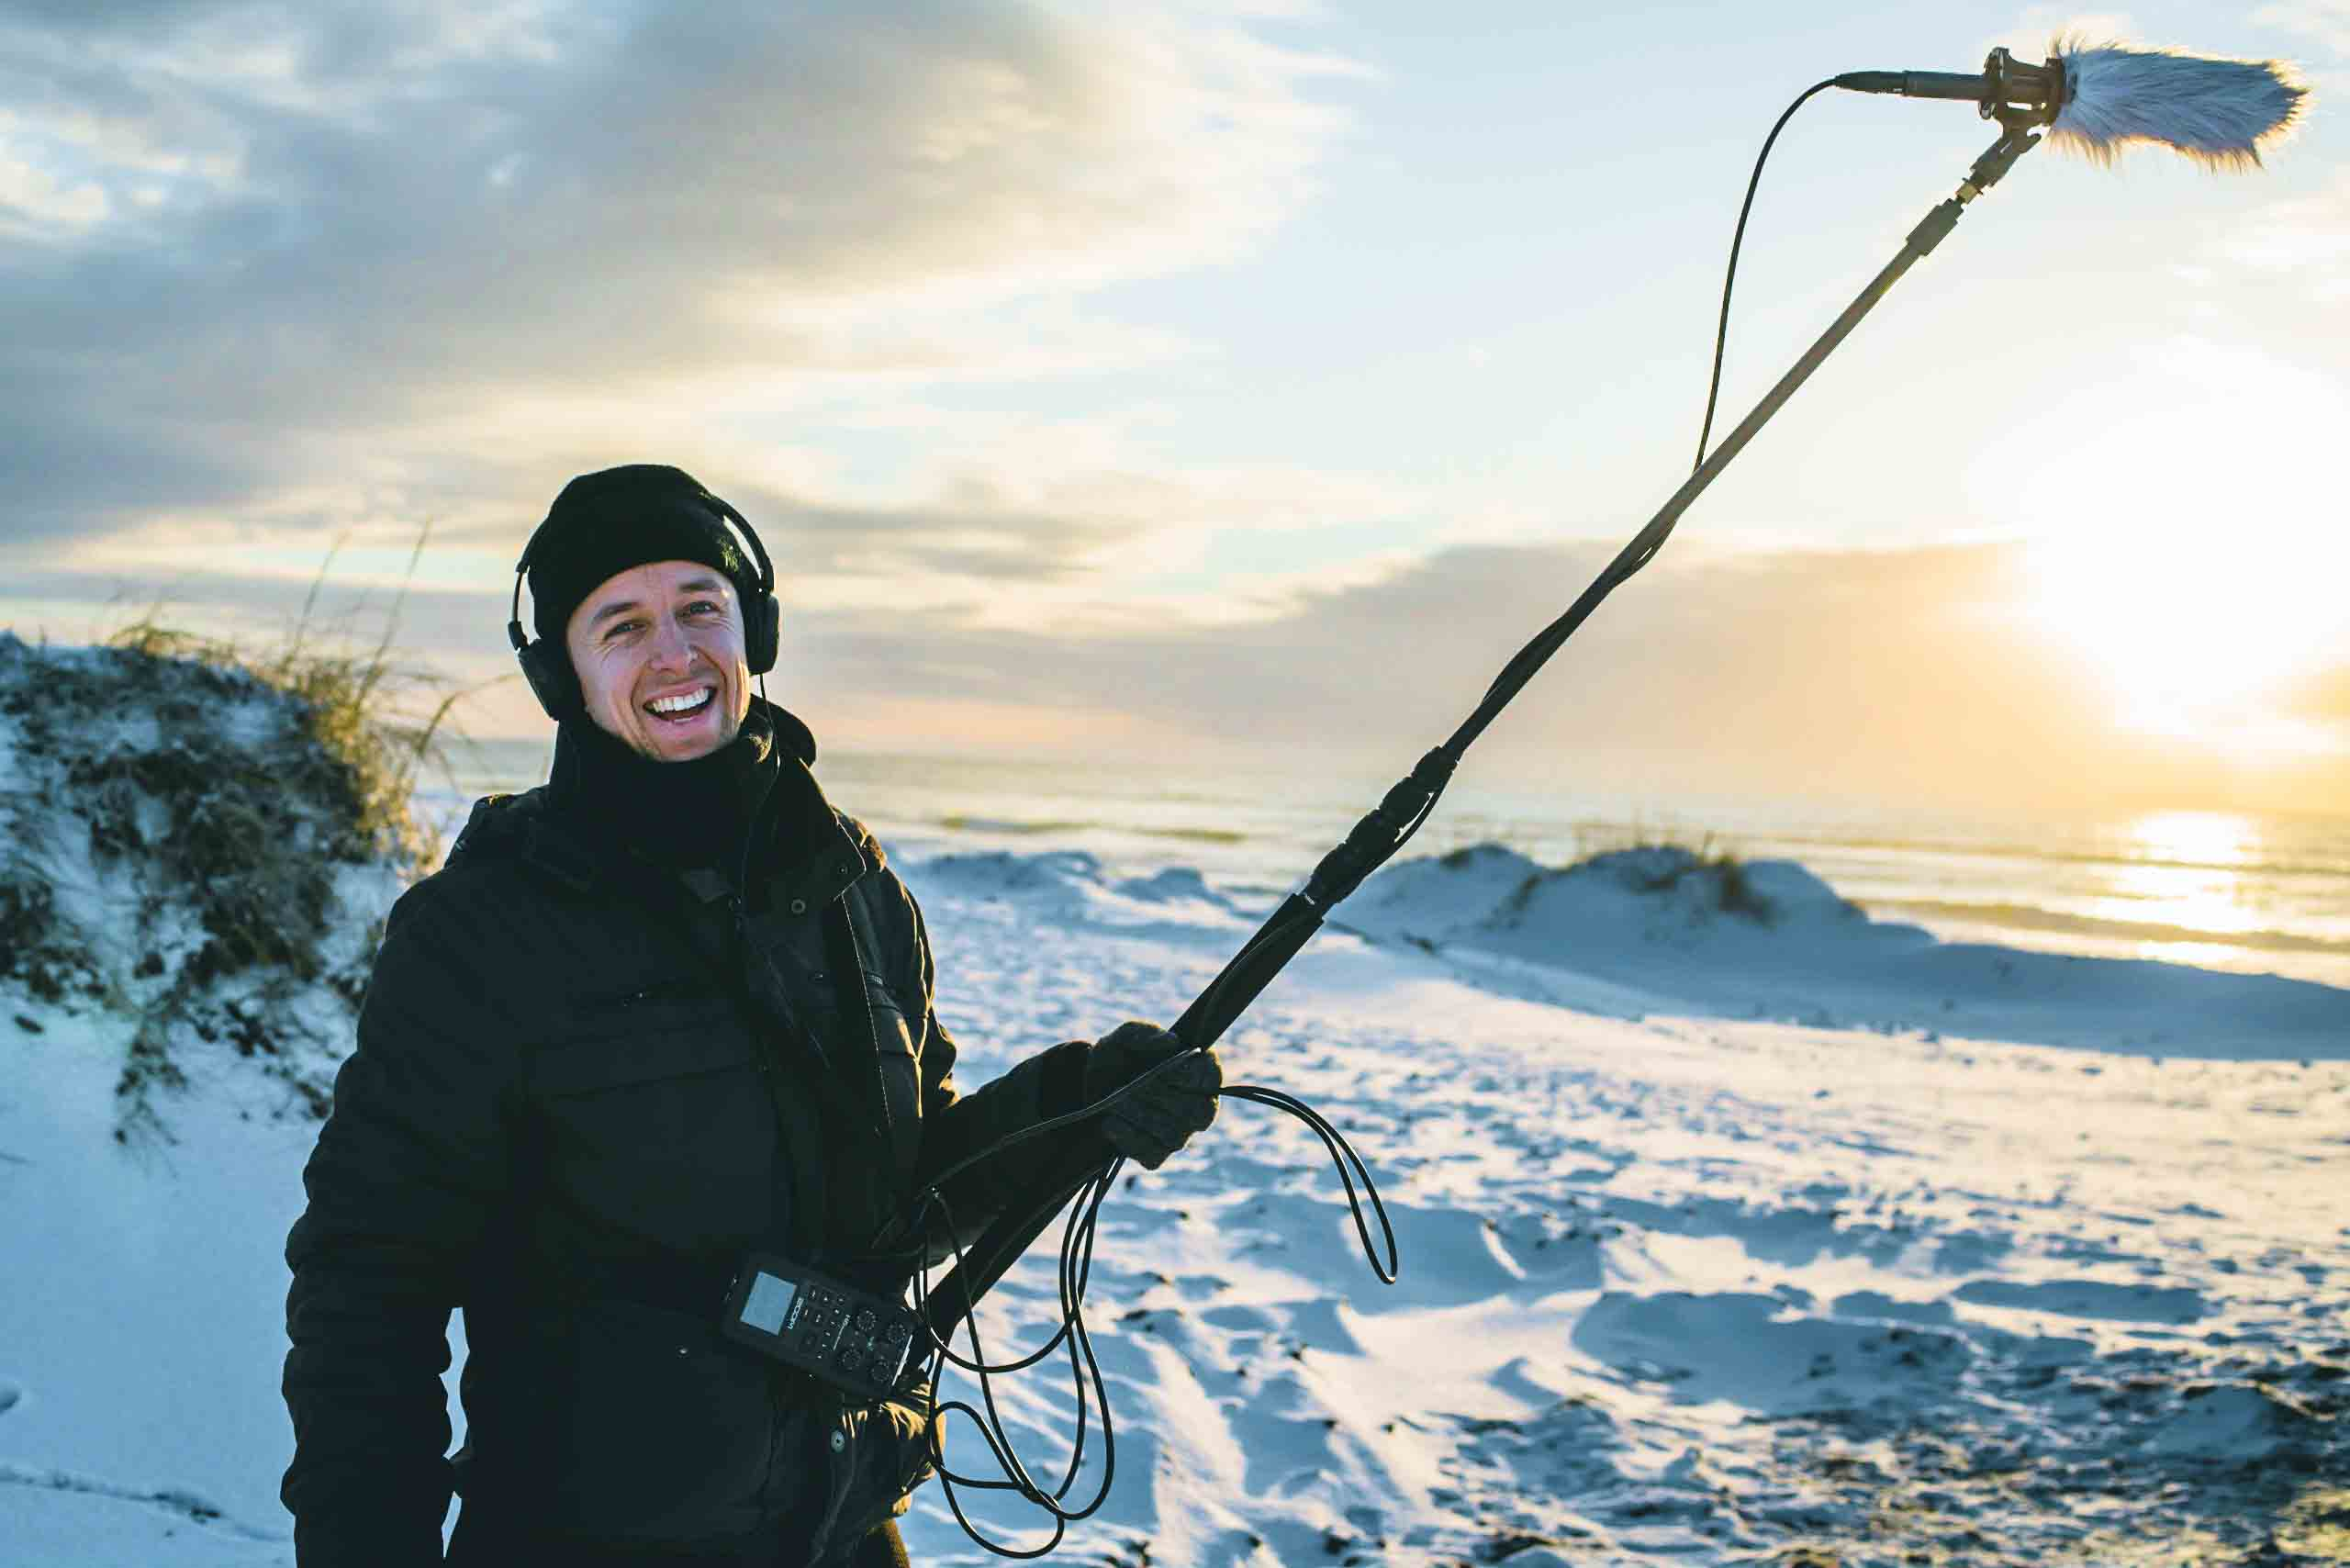 Island Surftrip Reisen Urlaub Wellenreiten21